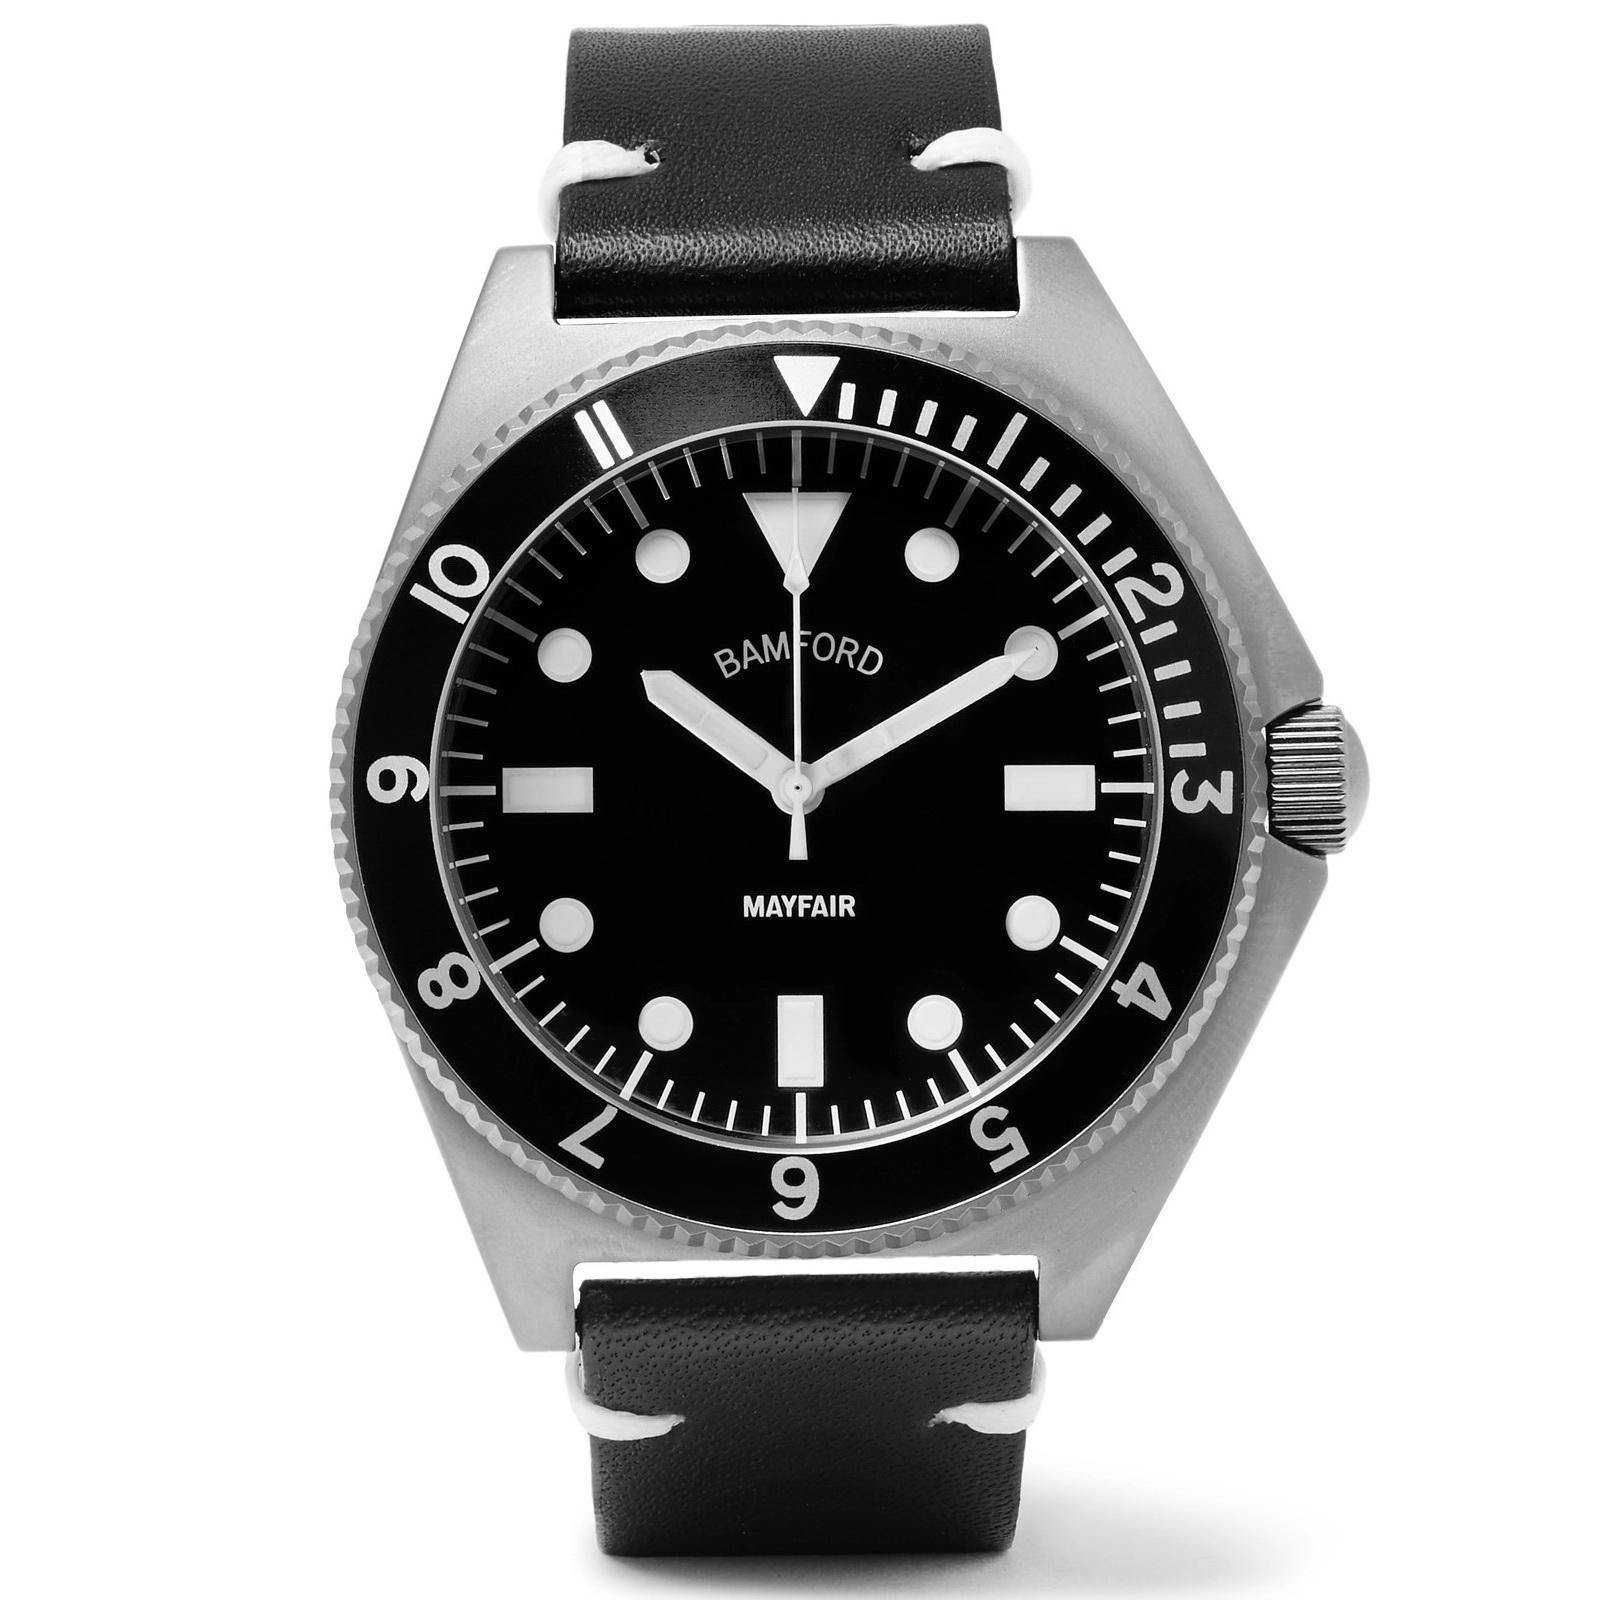 Www Mayfair: OceanicTime: BAMFORD WATCH Dept. MAYFAIR